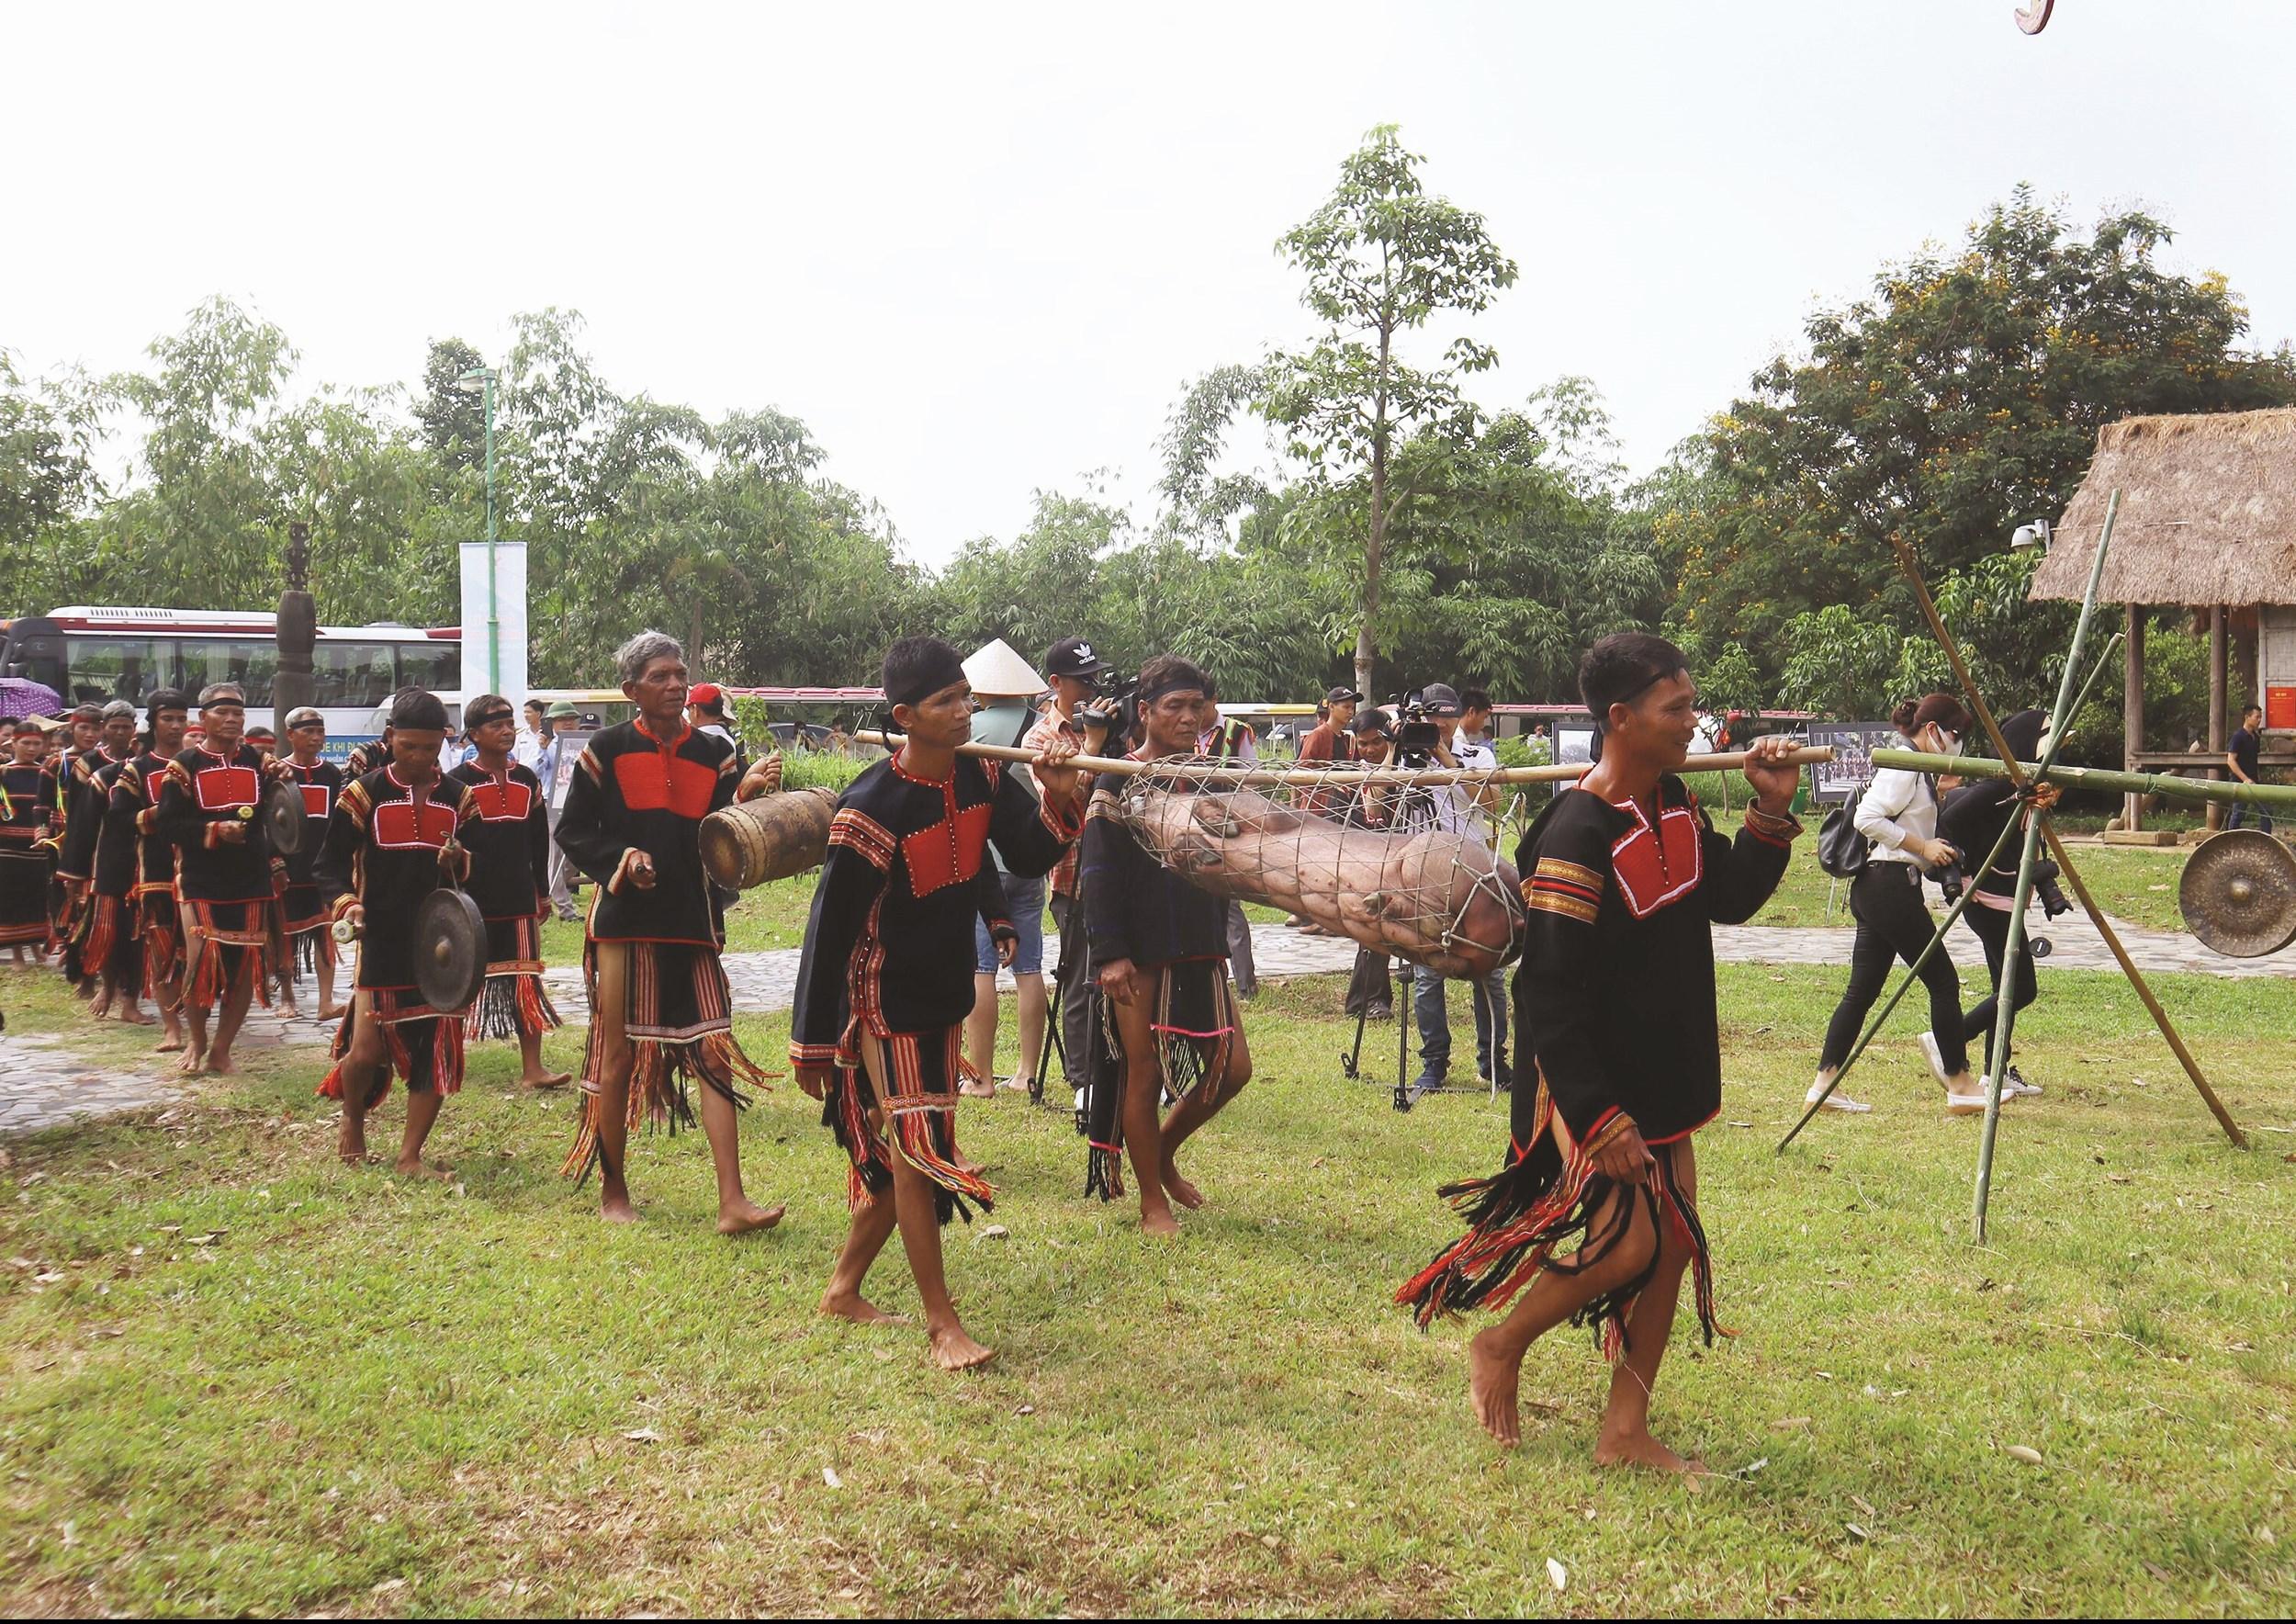 Dân làng chuẩn bị lễ vật để thực hiện lễ cúng lên nhà Rông mới.